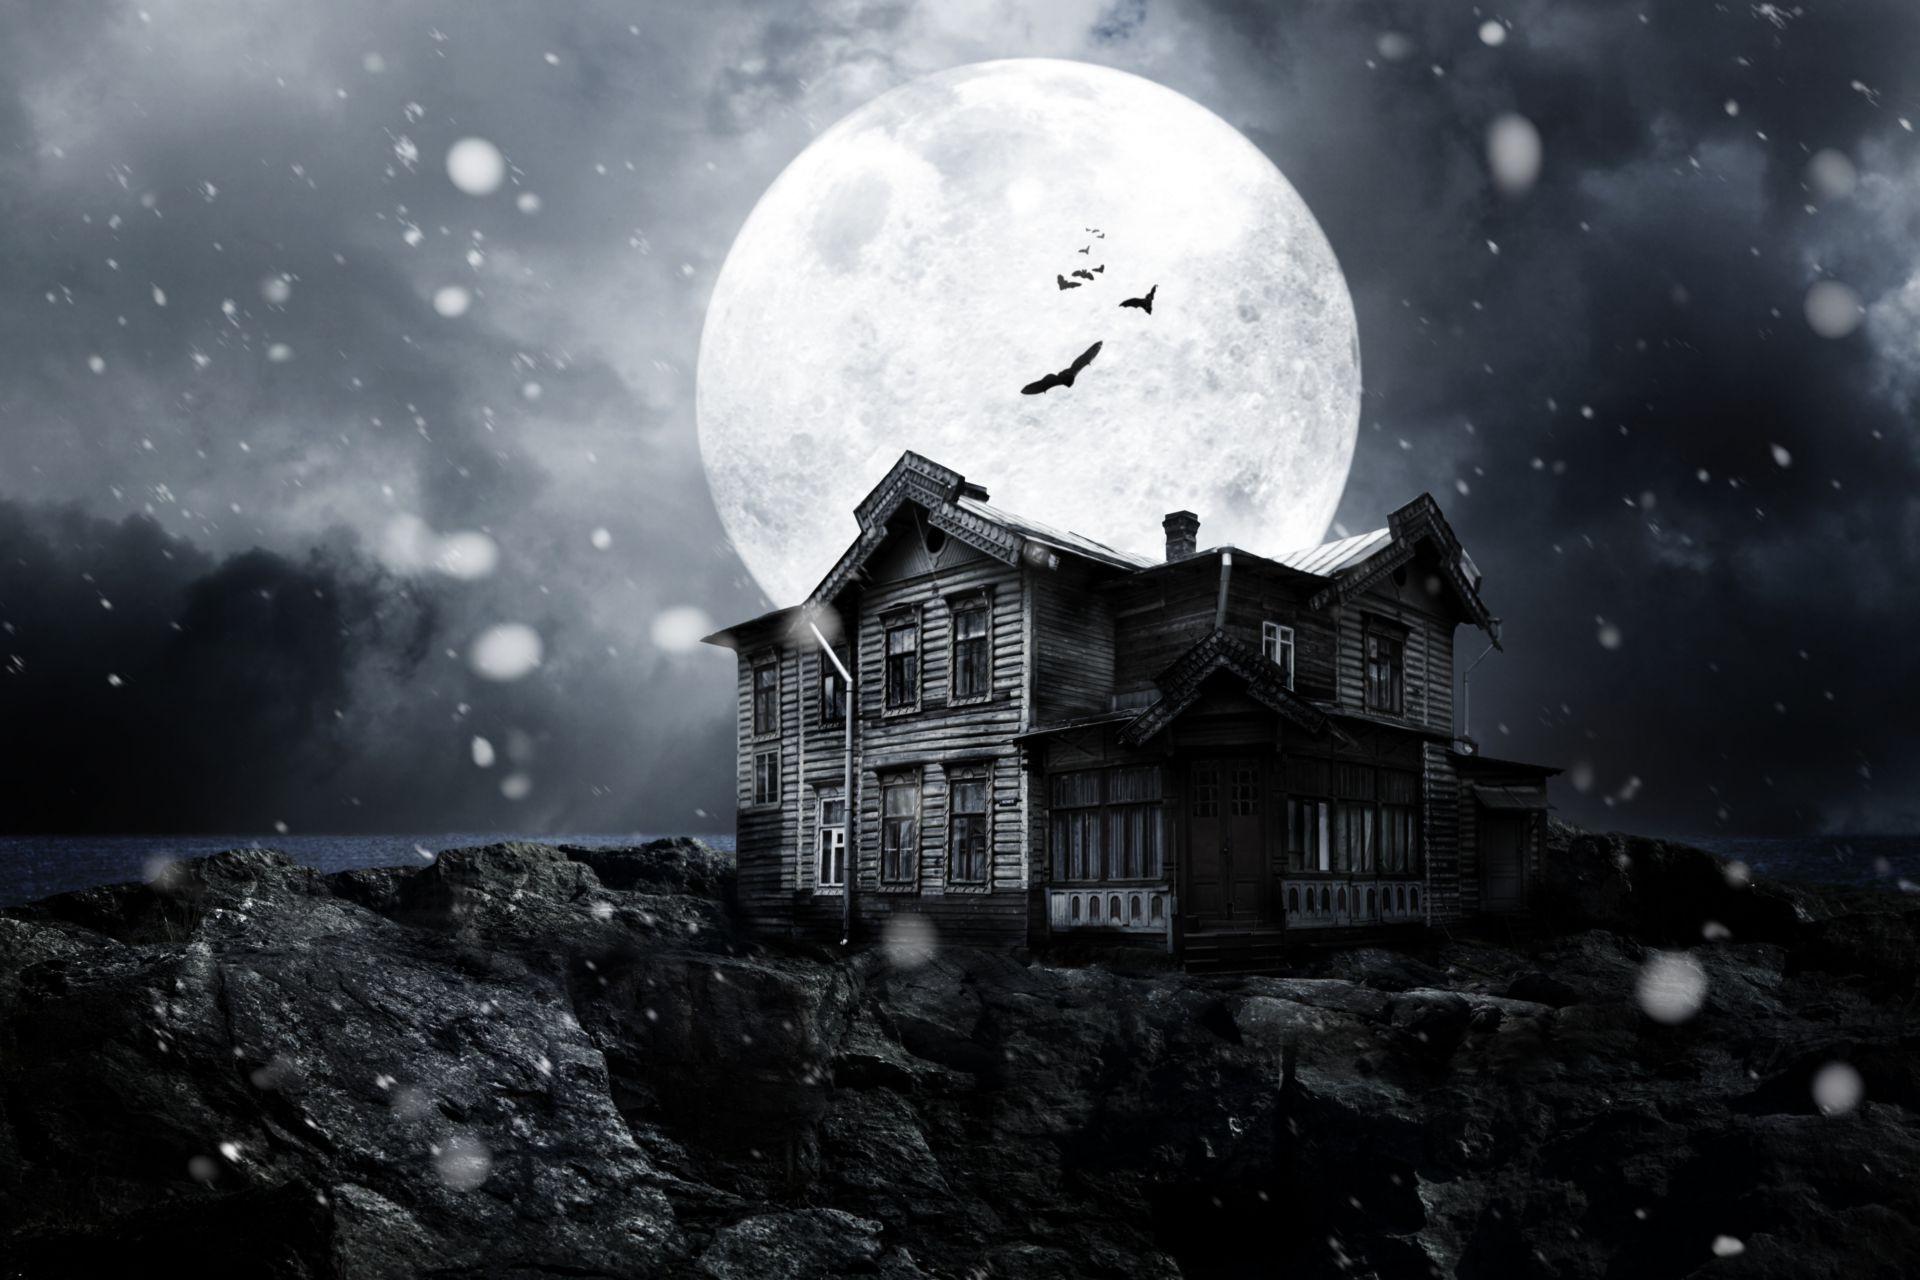 Creepy Anime Girls Wallpaper Haunted House Night Bats Full Moon Midnight Moonlight